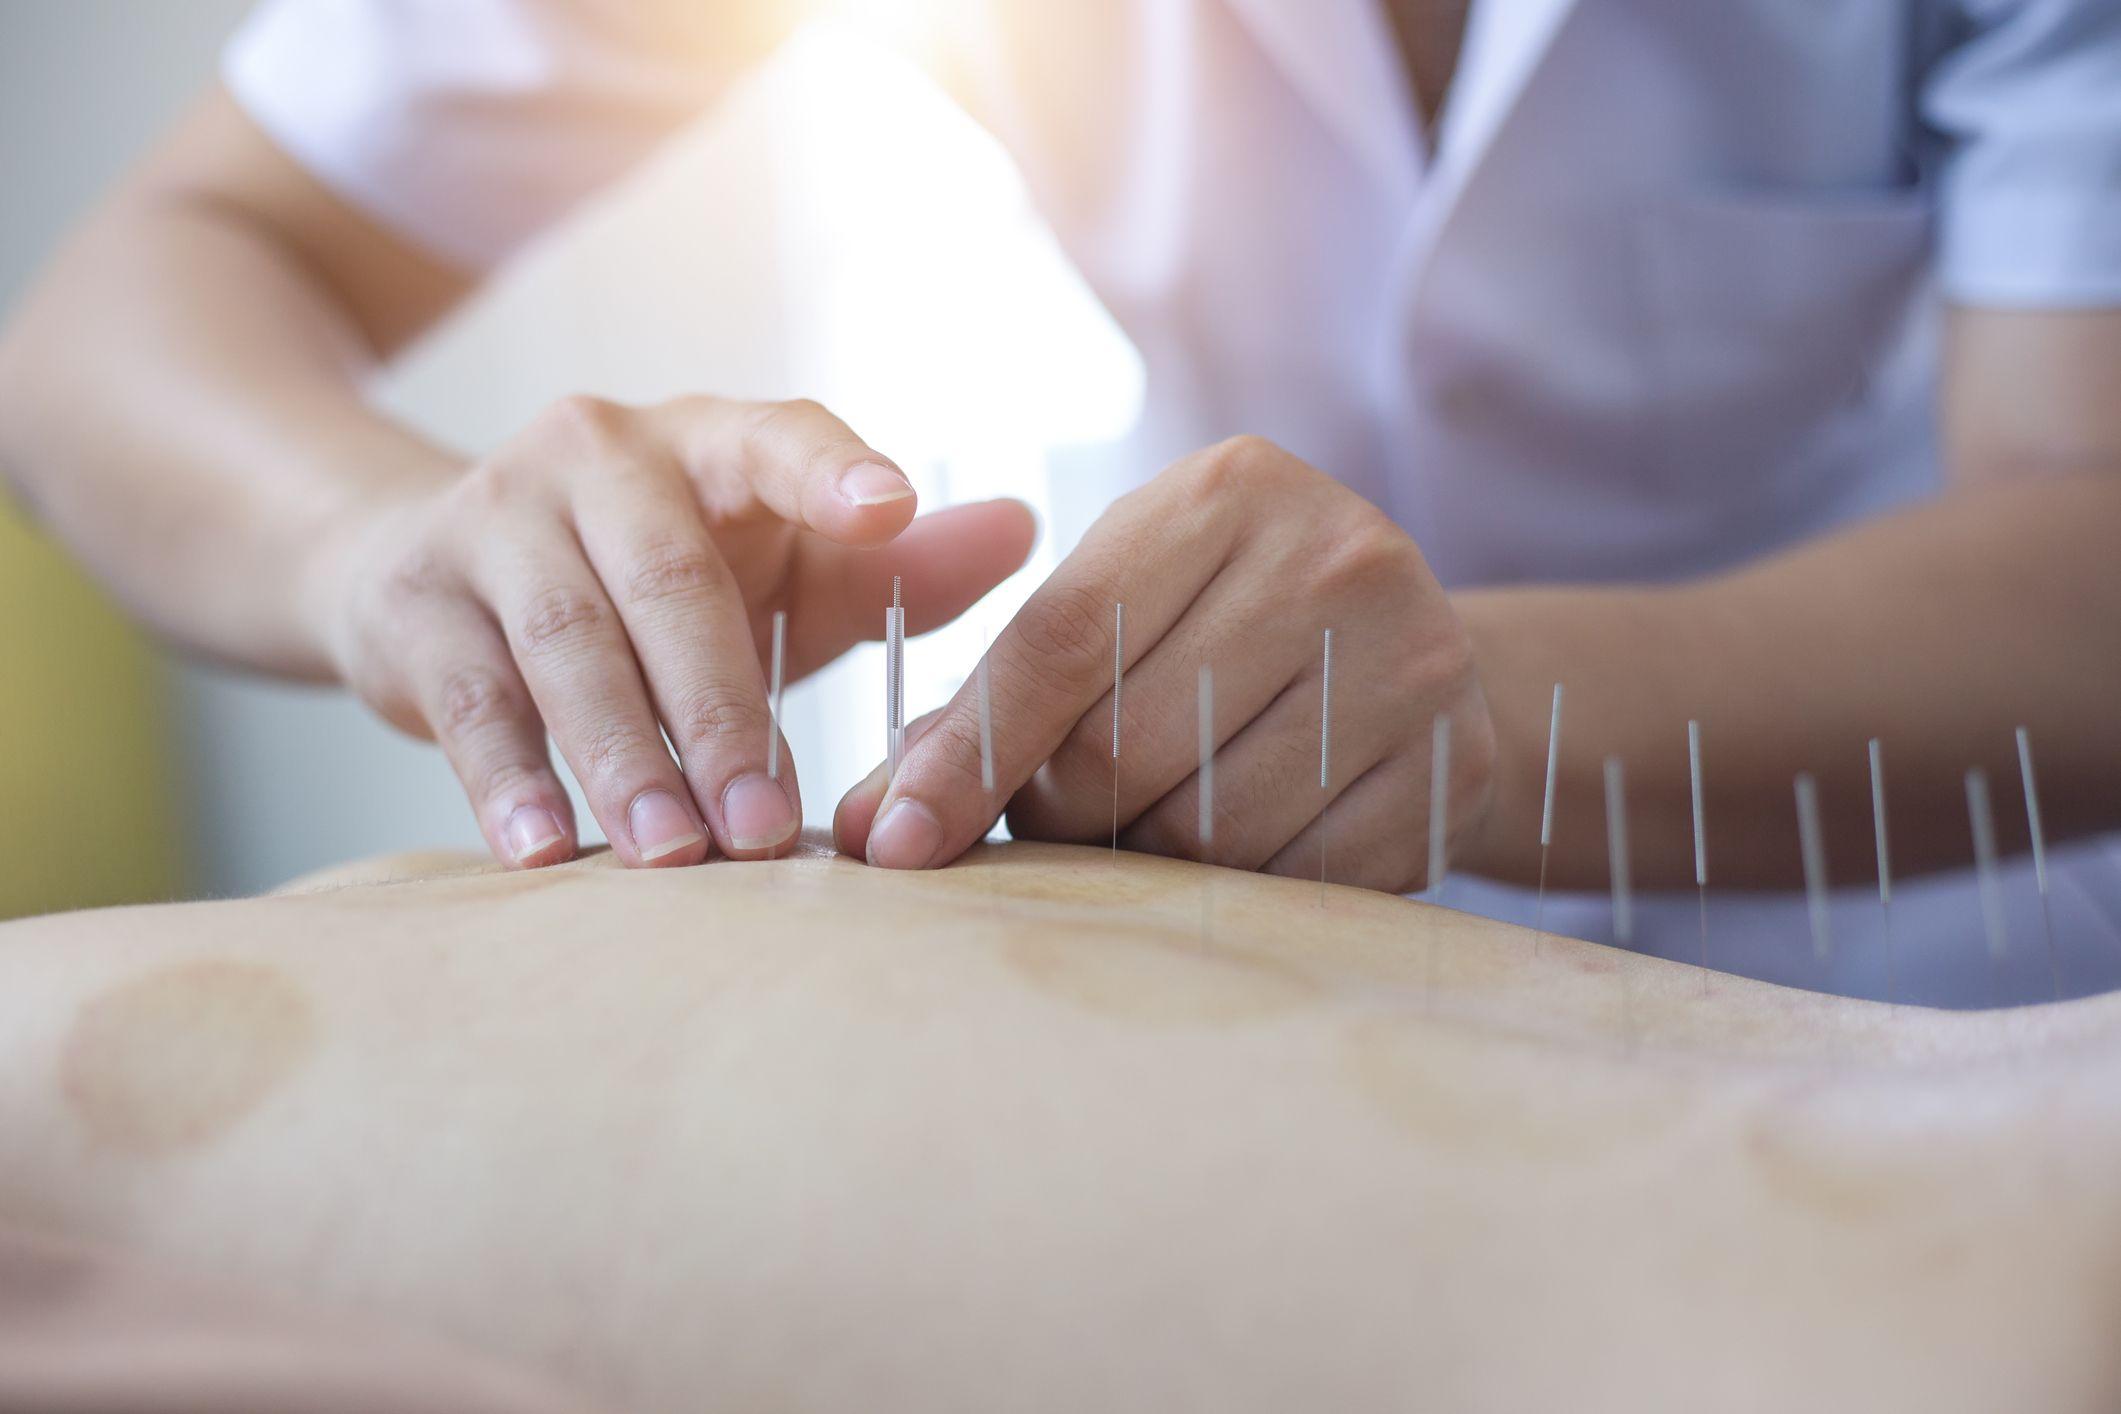 lózsír kezelése pikkelysömörhöz